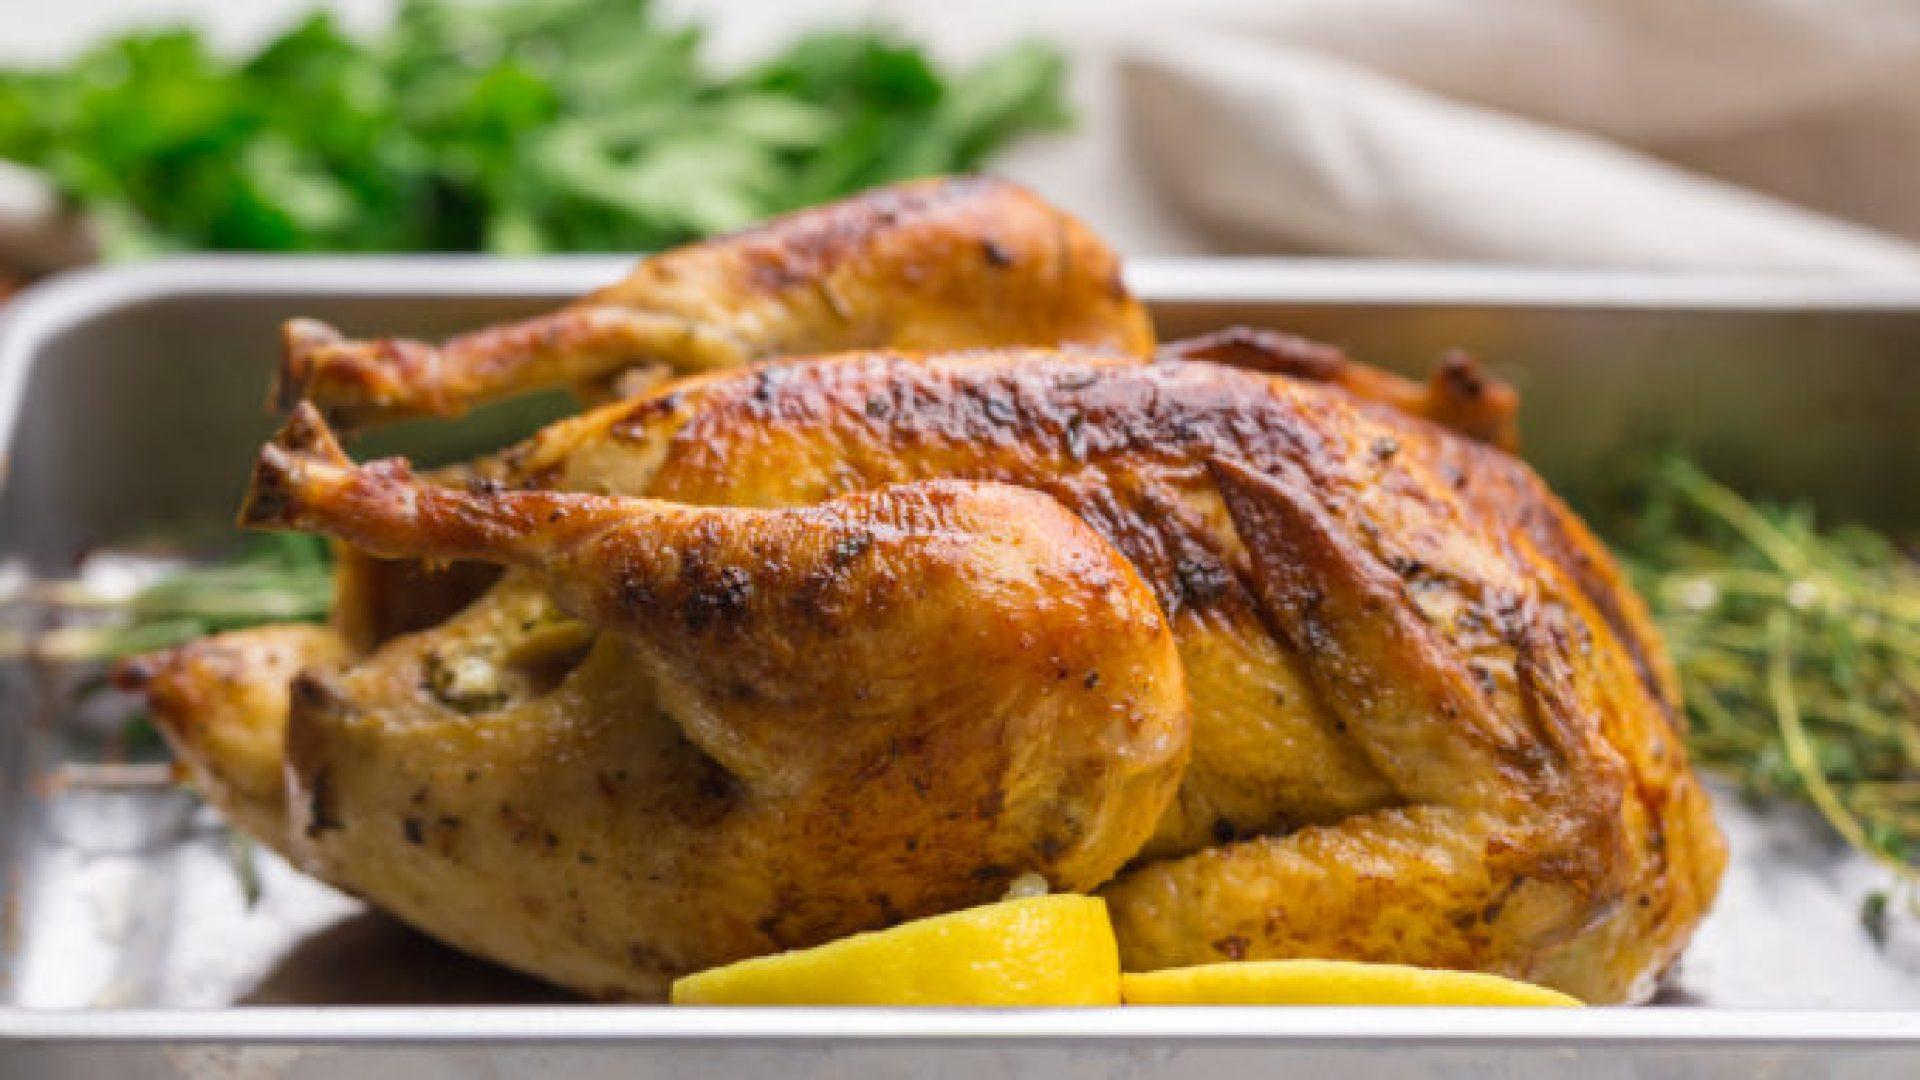 Crispy, golden skin oven roasted chicken